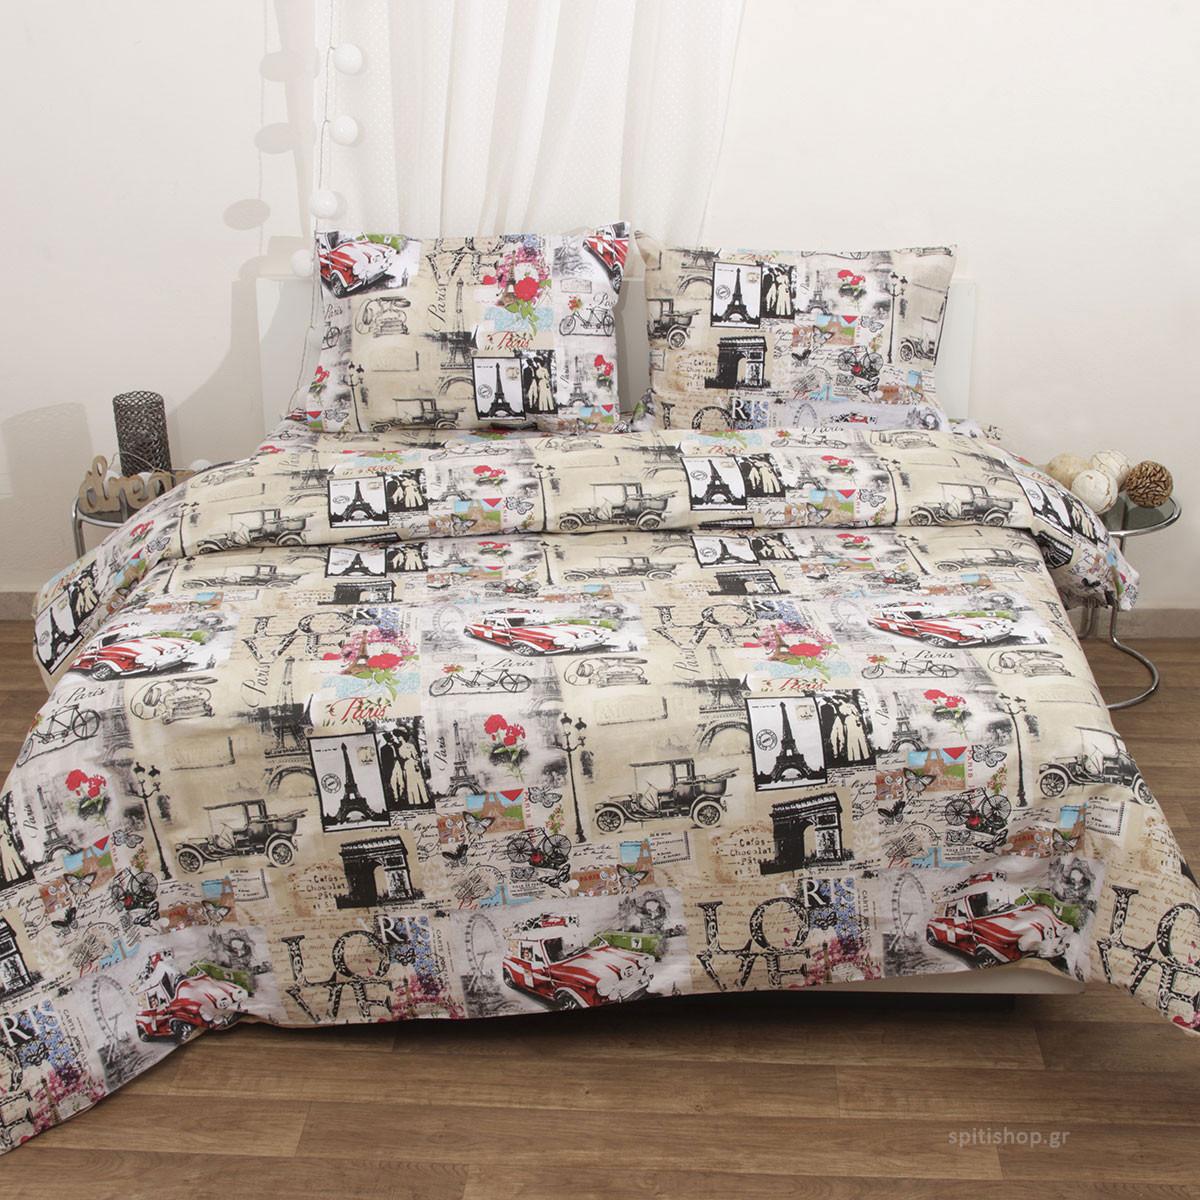 Κουβερλί Ημίδιπλο (Σετ) Viopros Fresh Τράβελ home   κρεβατοκάμαρα   κουβερλί   κουβερλί ημίδιπλα   διπλά